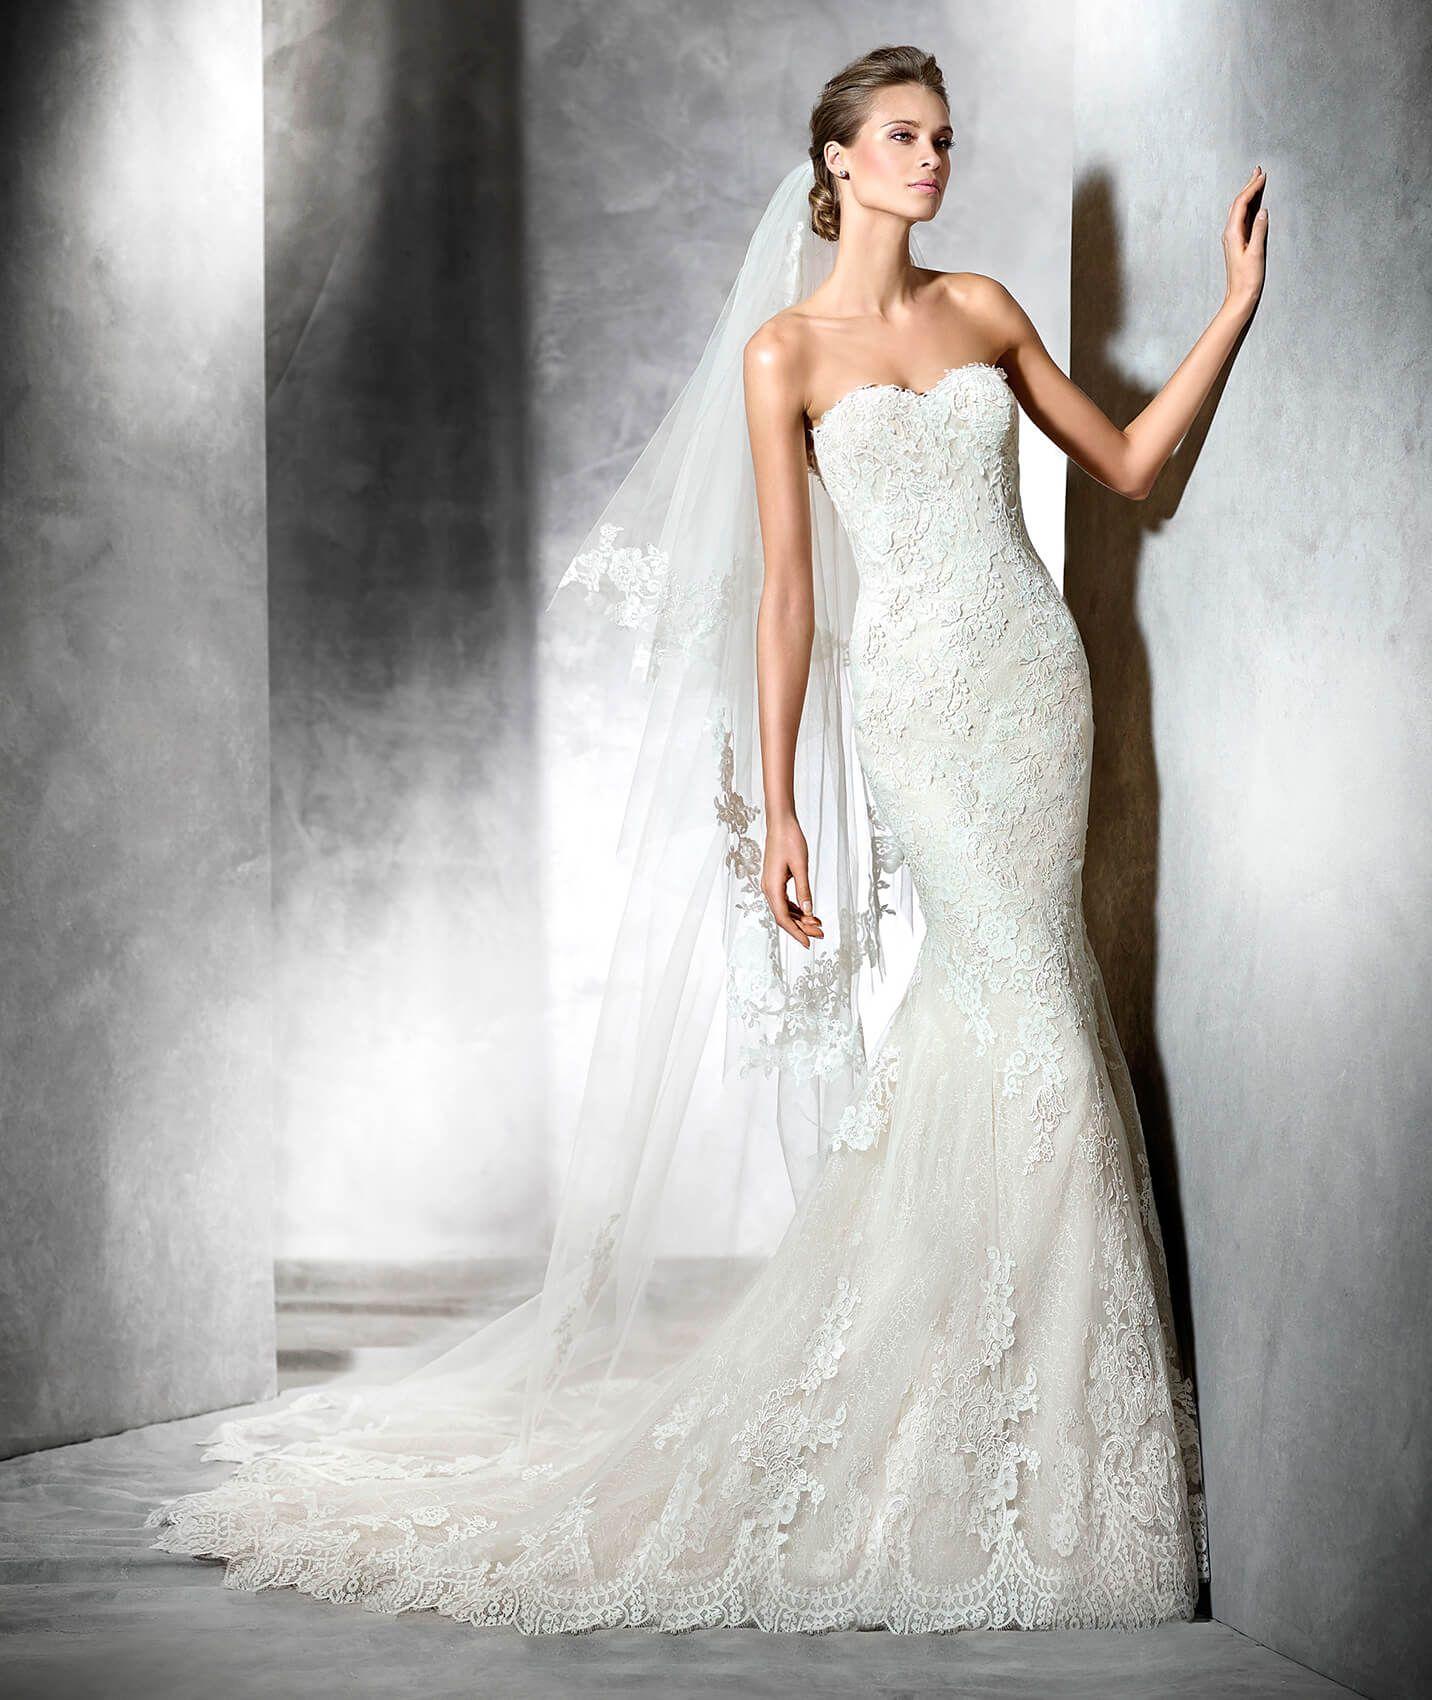 PRINCIA - Vestido de novia de tul estilo sirena con escote corazón